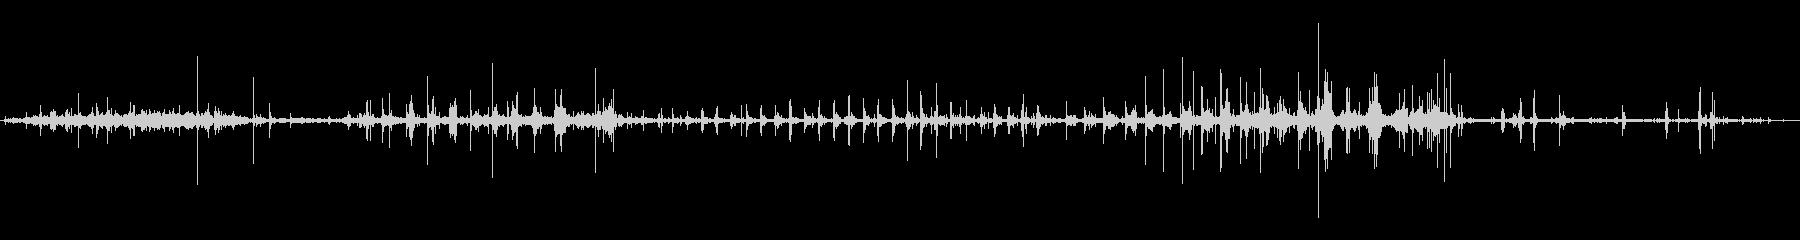 クロスカントリースキーヤー:スキー...の未再生の波形